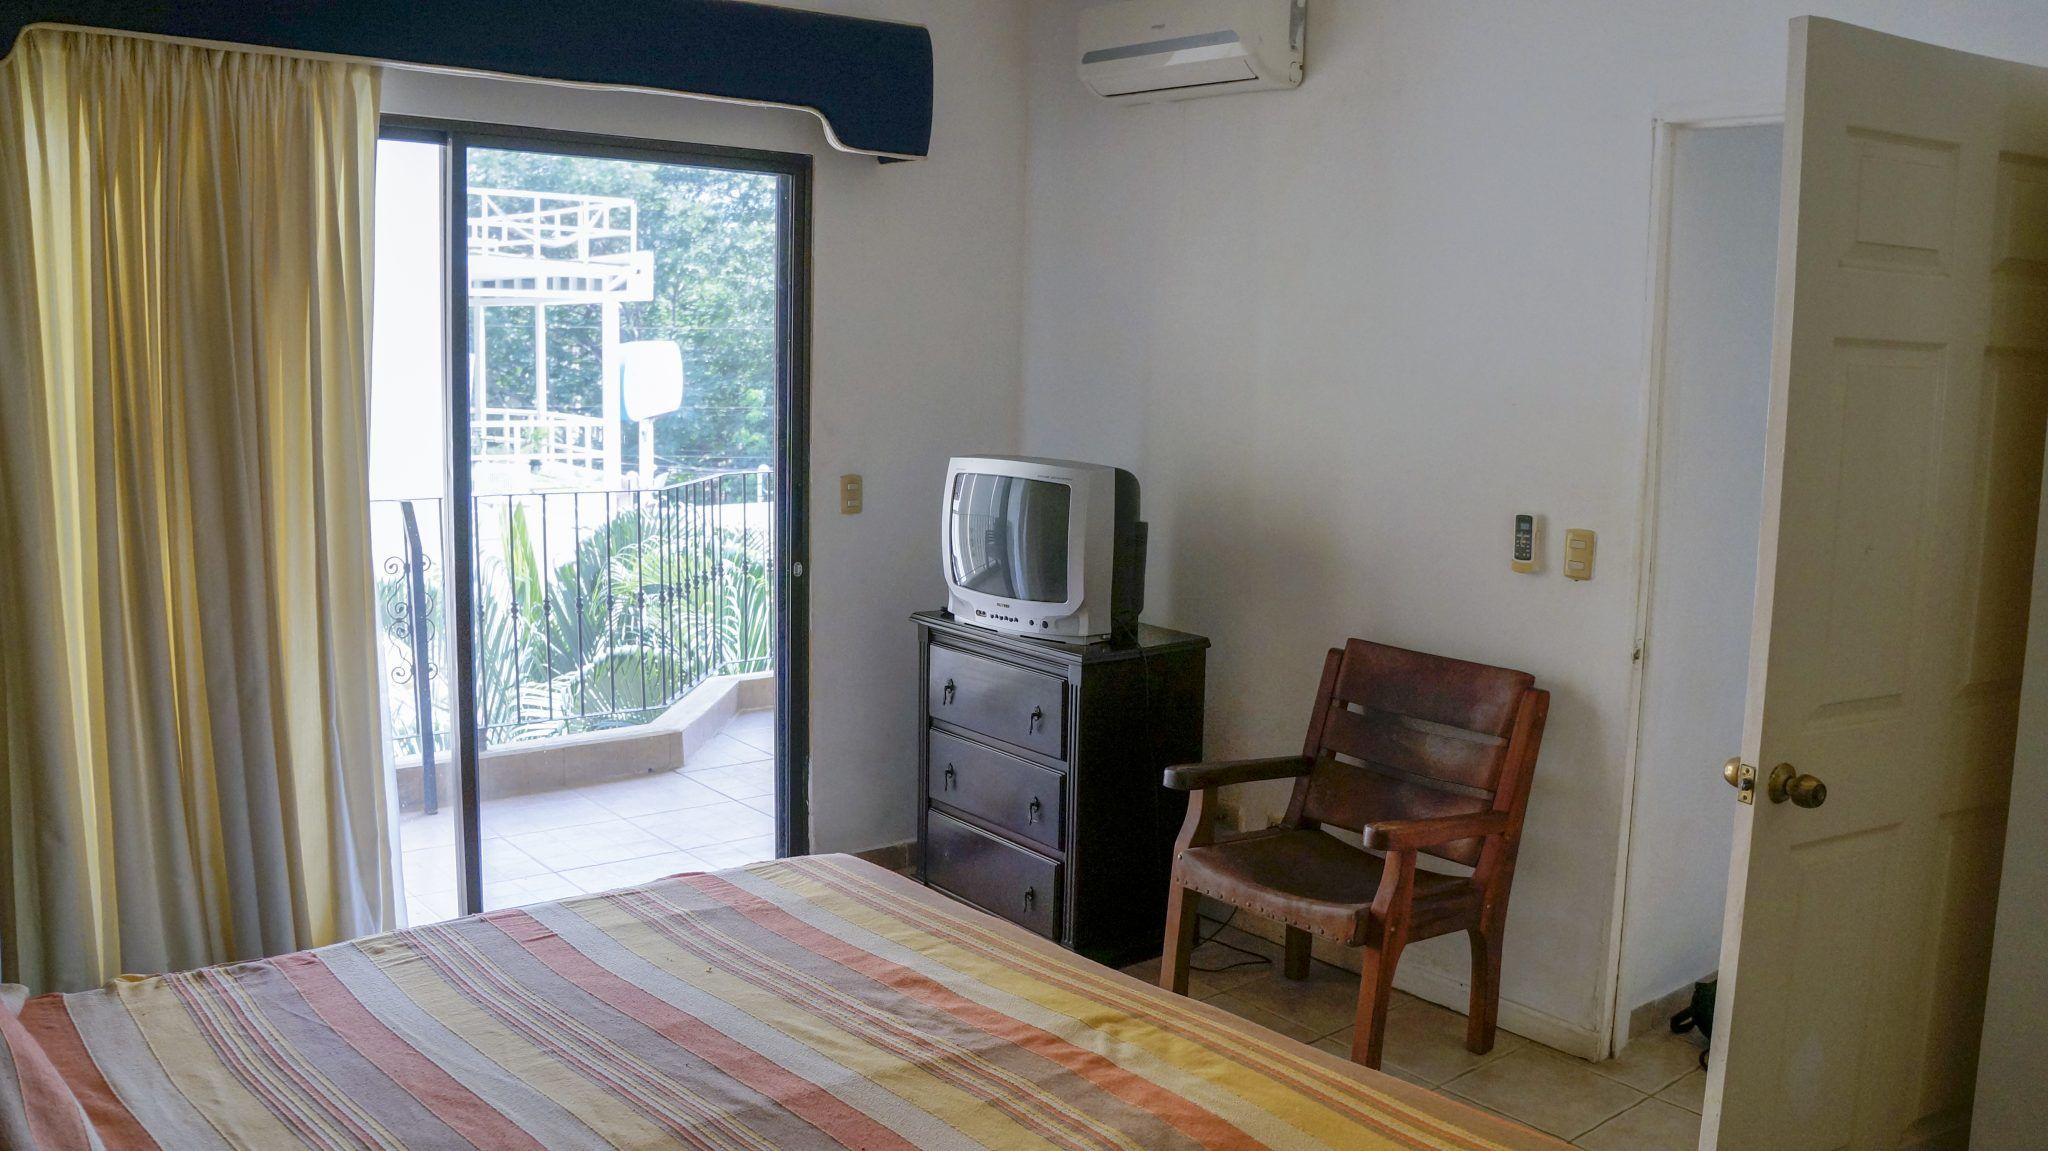 E14 - Bedroom